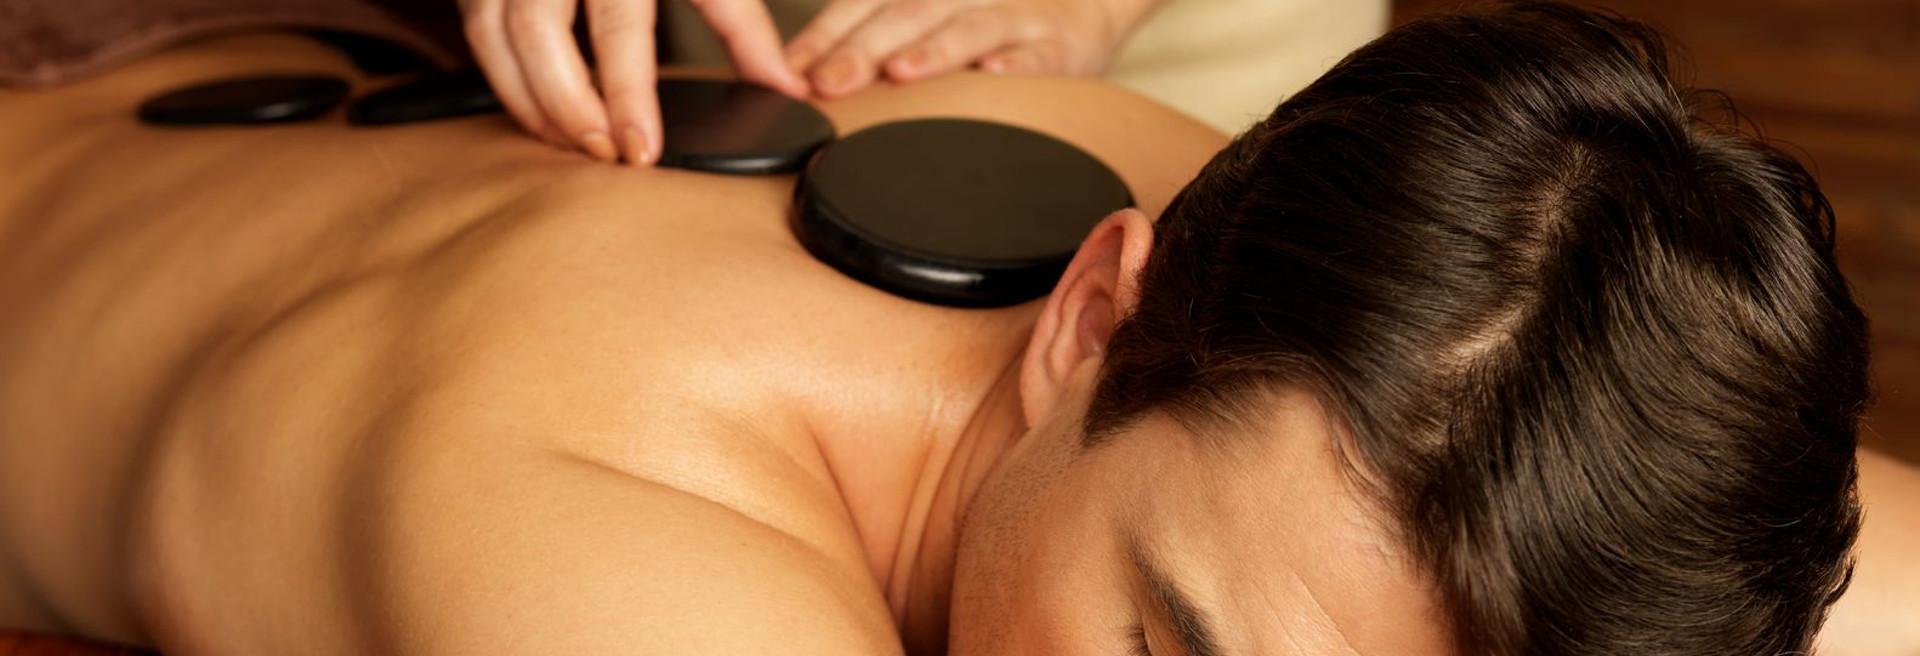 online masážní salon incall